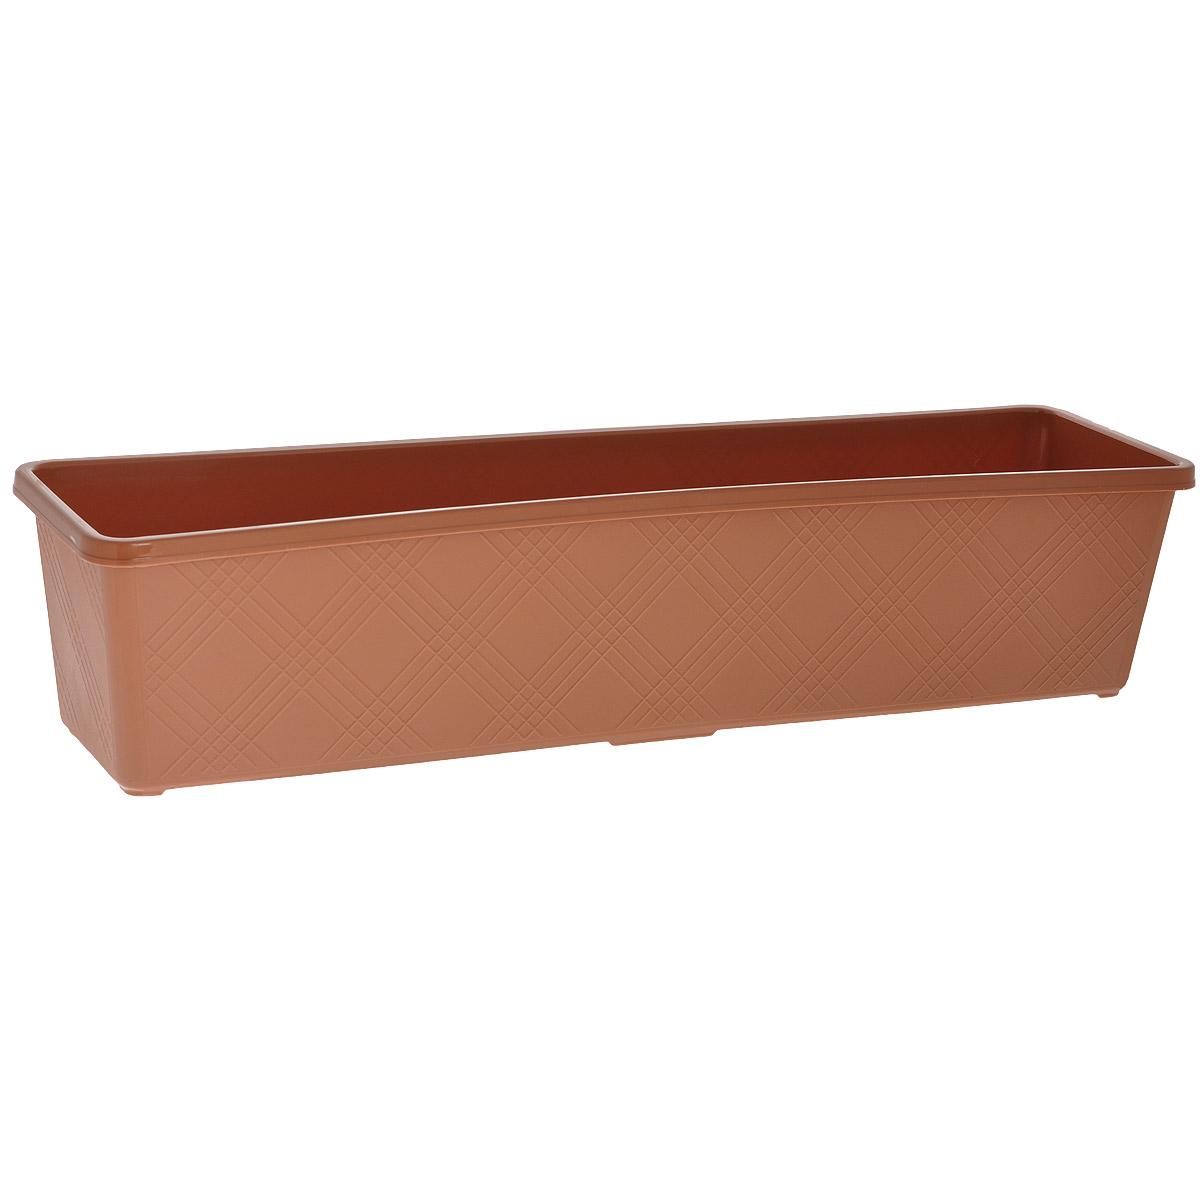 Ящик балконный для цветов FIT, 62 см х 16 см х 13,5 см78118Балконный ящик FIT изготовлен из качественного пластика. Предназначен для выращивания цветов и рассады как на балконе, так и в комнатных условиях. Характеристики: Материал: пластик. Размер ящика (Д х Ш х В): 62 см х 16 см х 13,5 см.